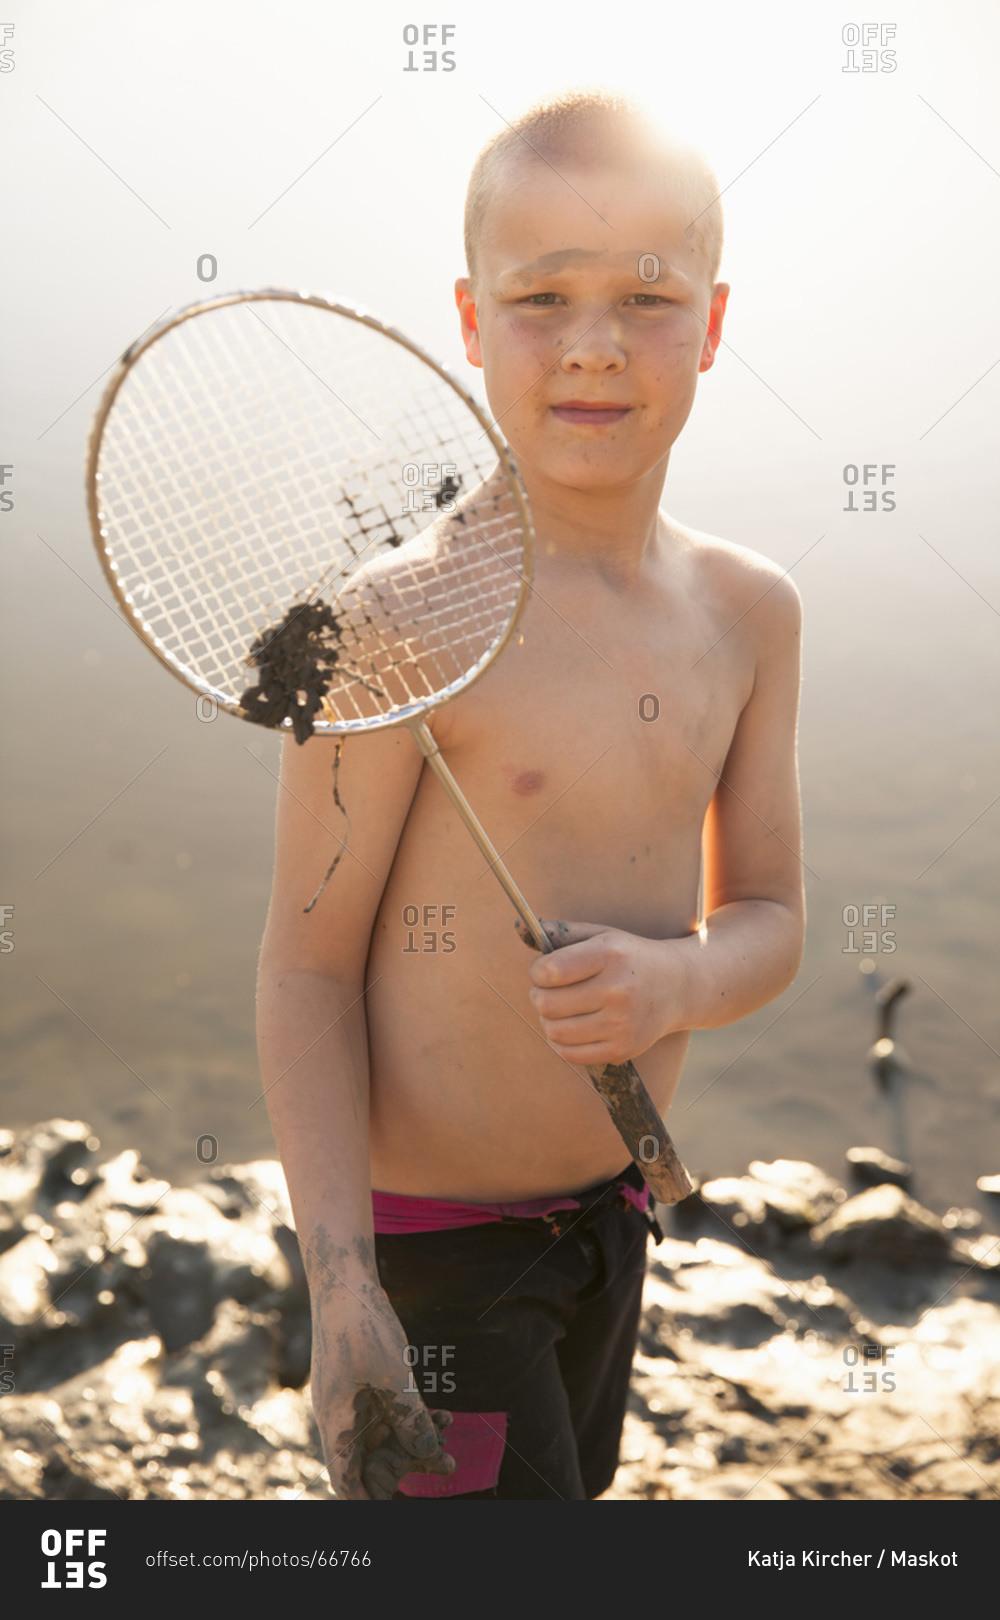 shirtless boy pics